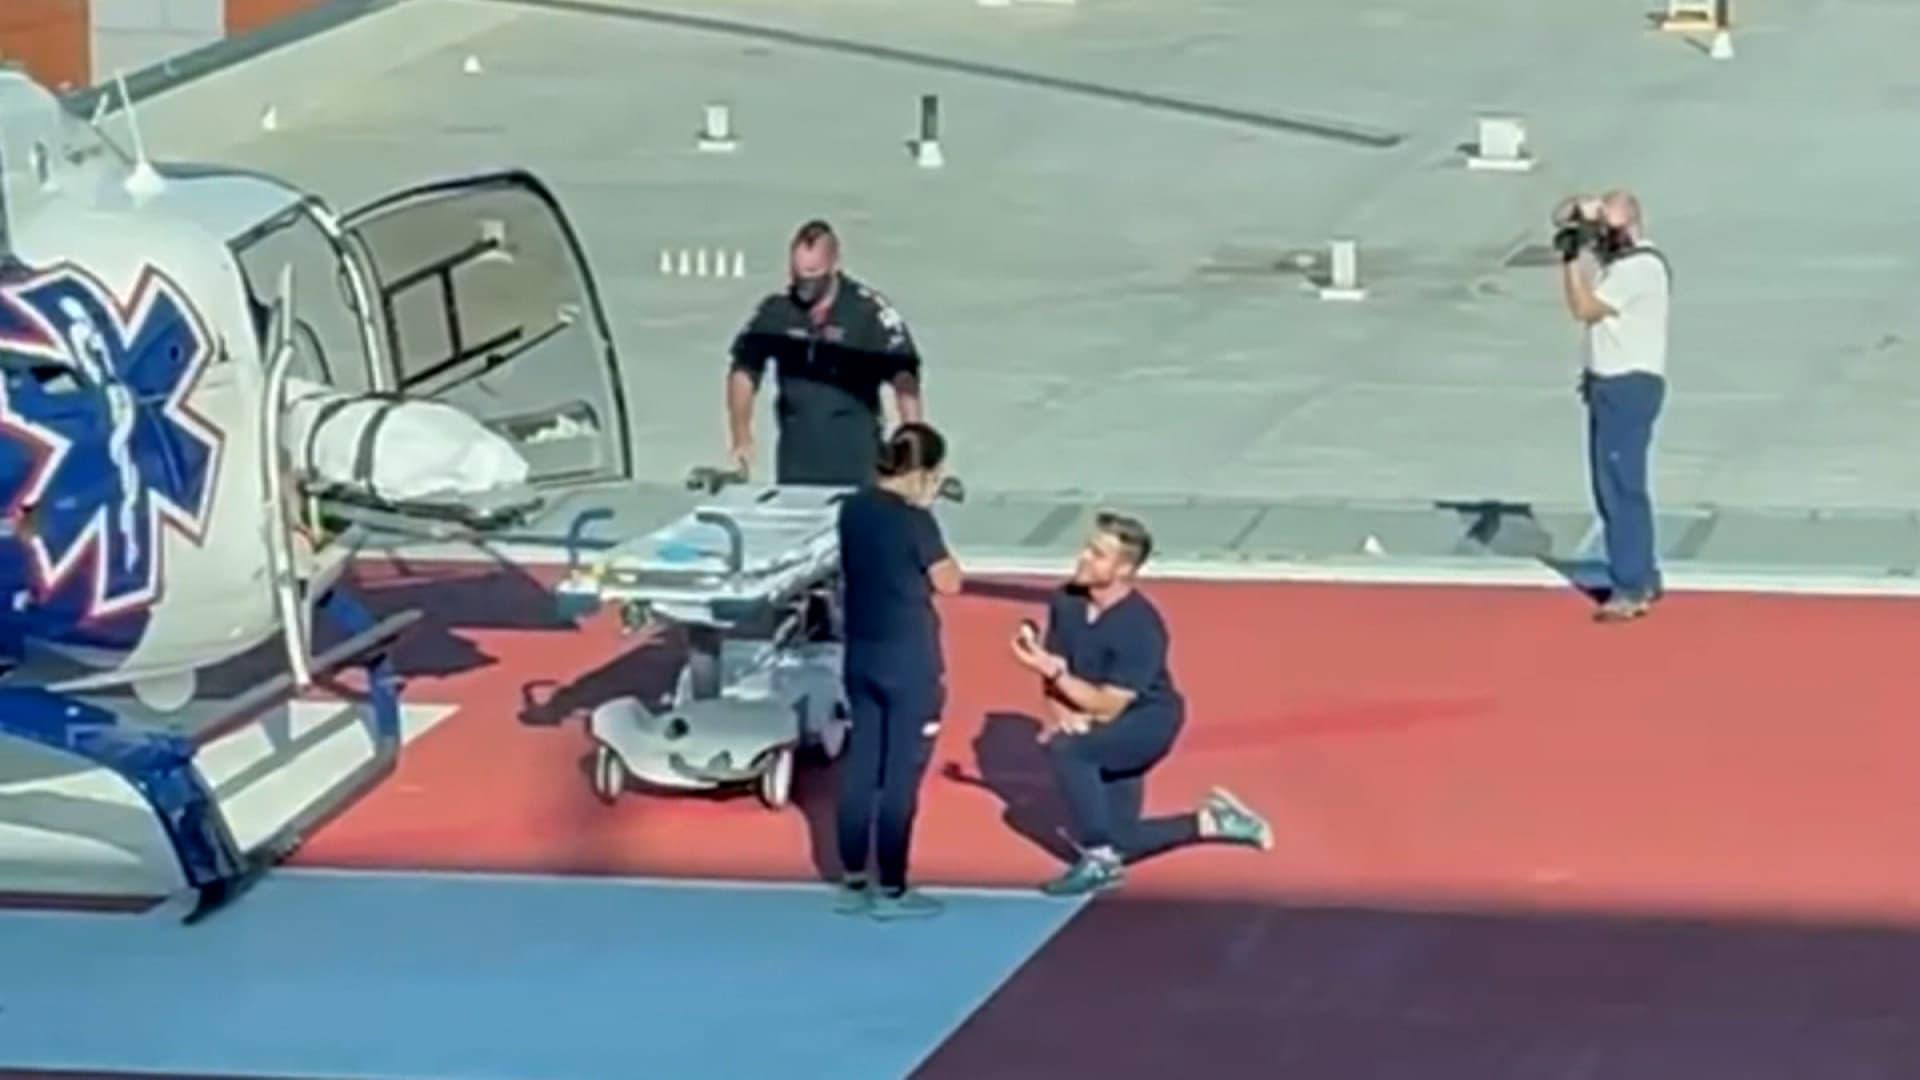 على مهبط طائرة هليكوبتر.. شاهد كيف تقدم ممرض للزواج من ممرضة أخرى